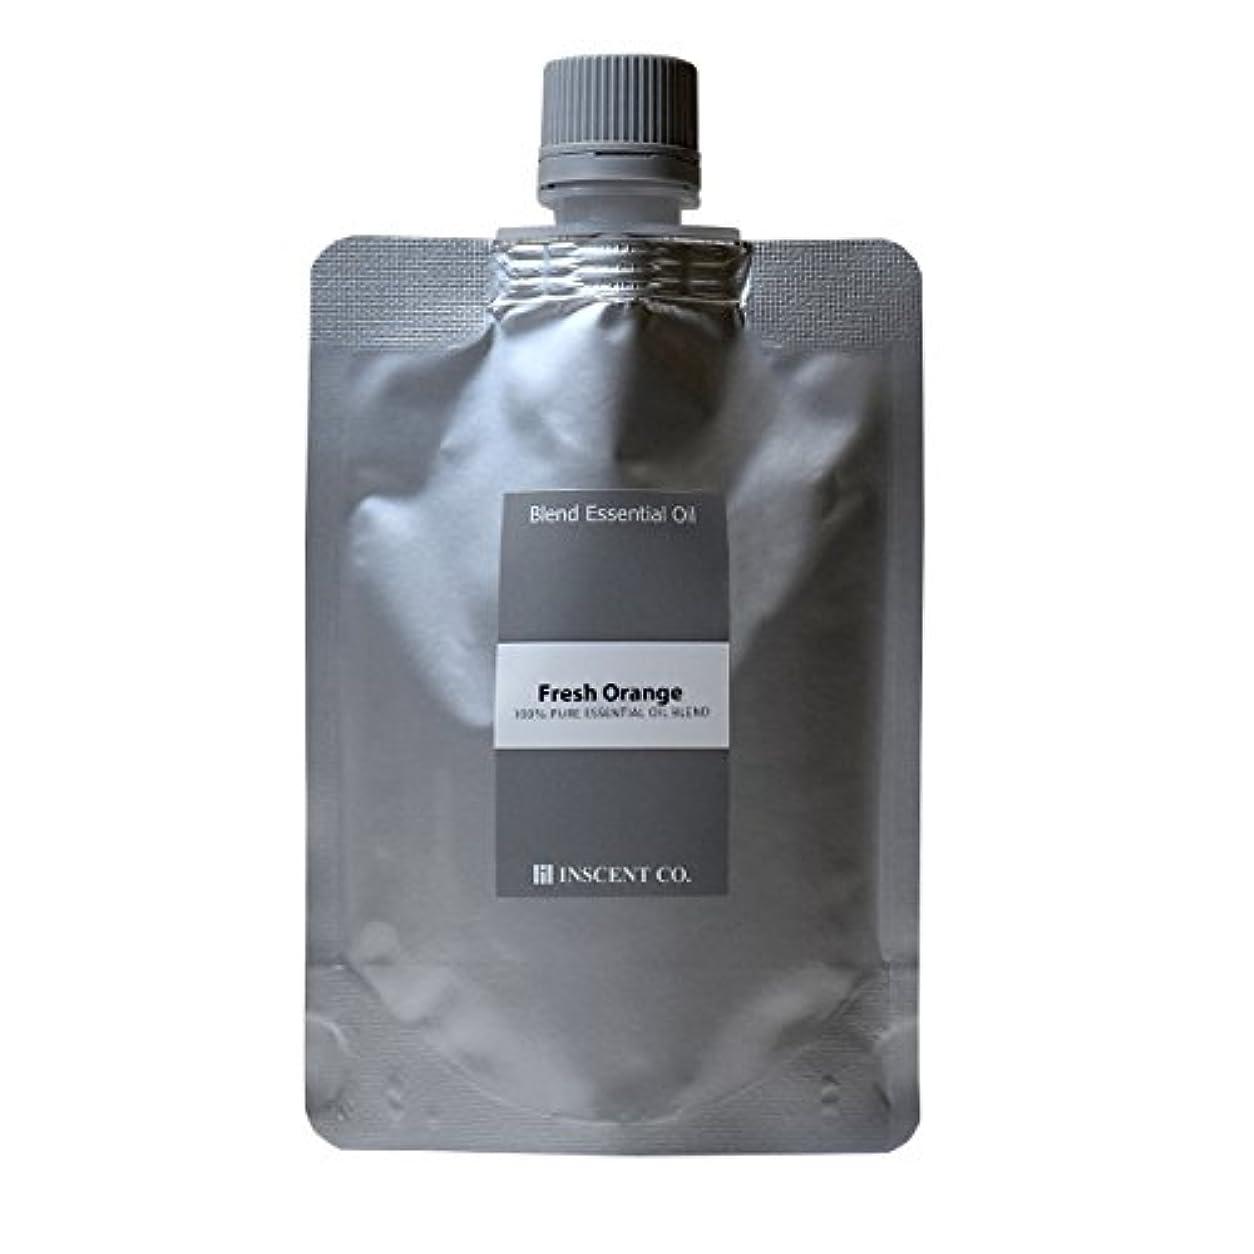 線ハンサム完全に乾く(詰替用 アルミパック) アロマ ブレンド フレッシュオレンジ 100ml インセント アロマオイル